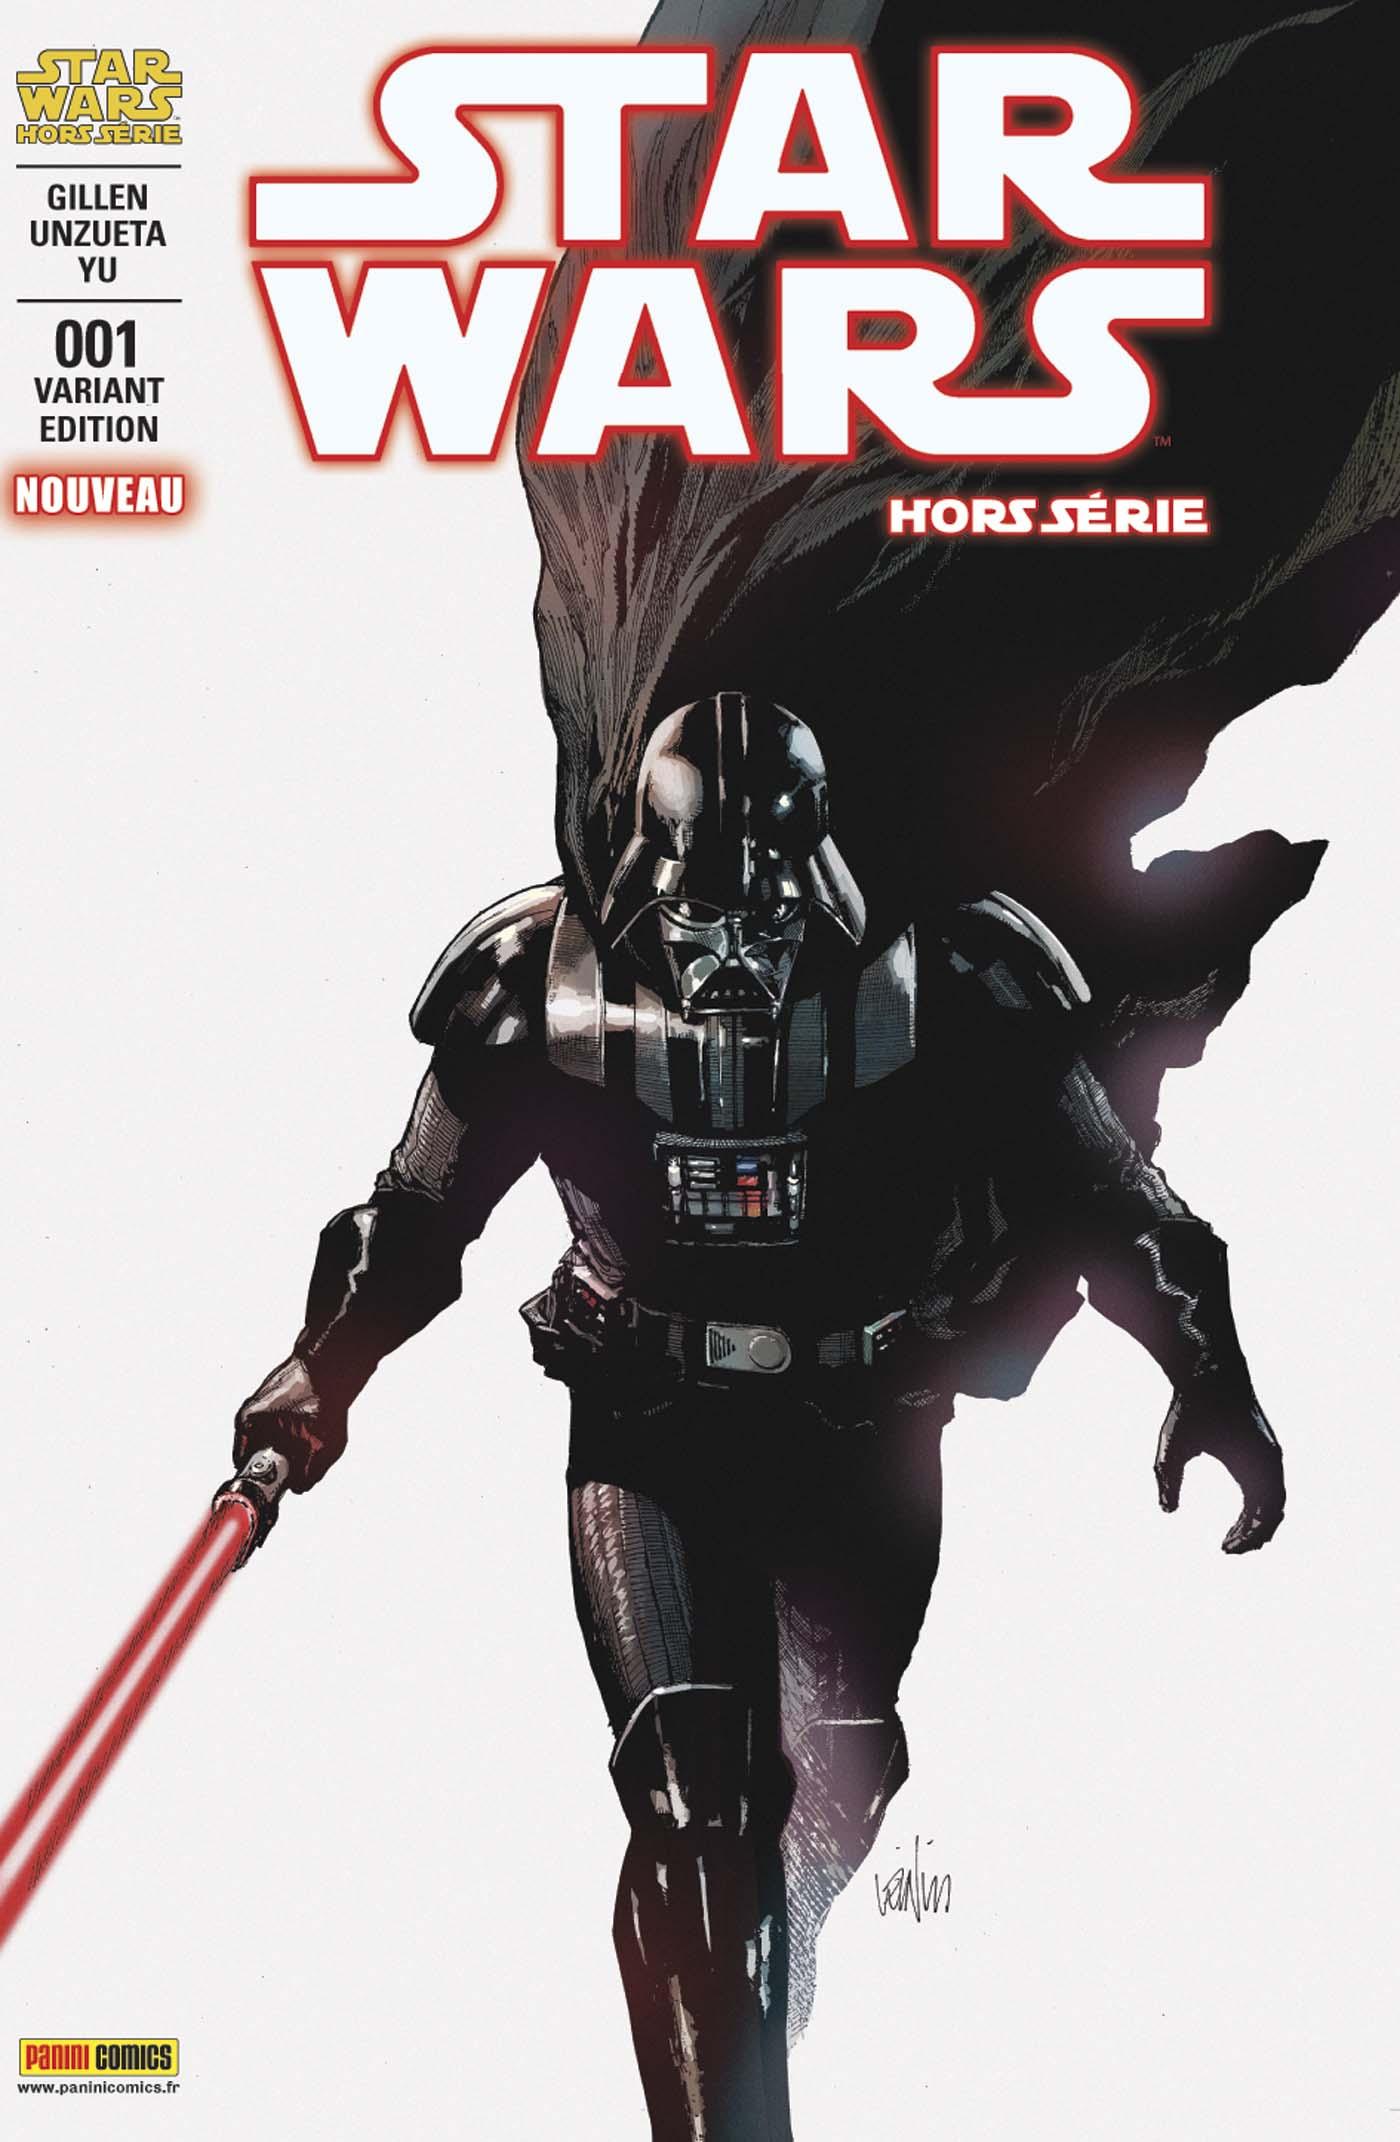 Star Wars Comics Hors Série 1 - Couverture B